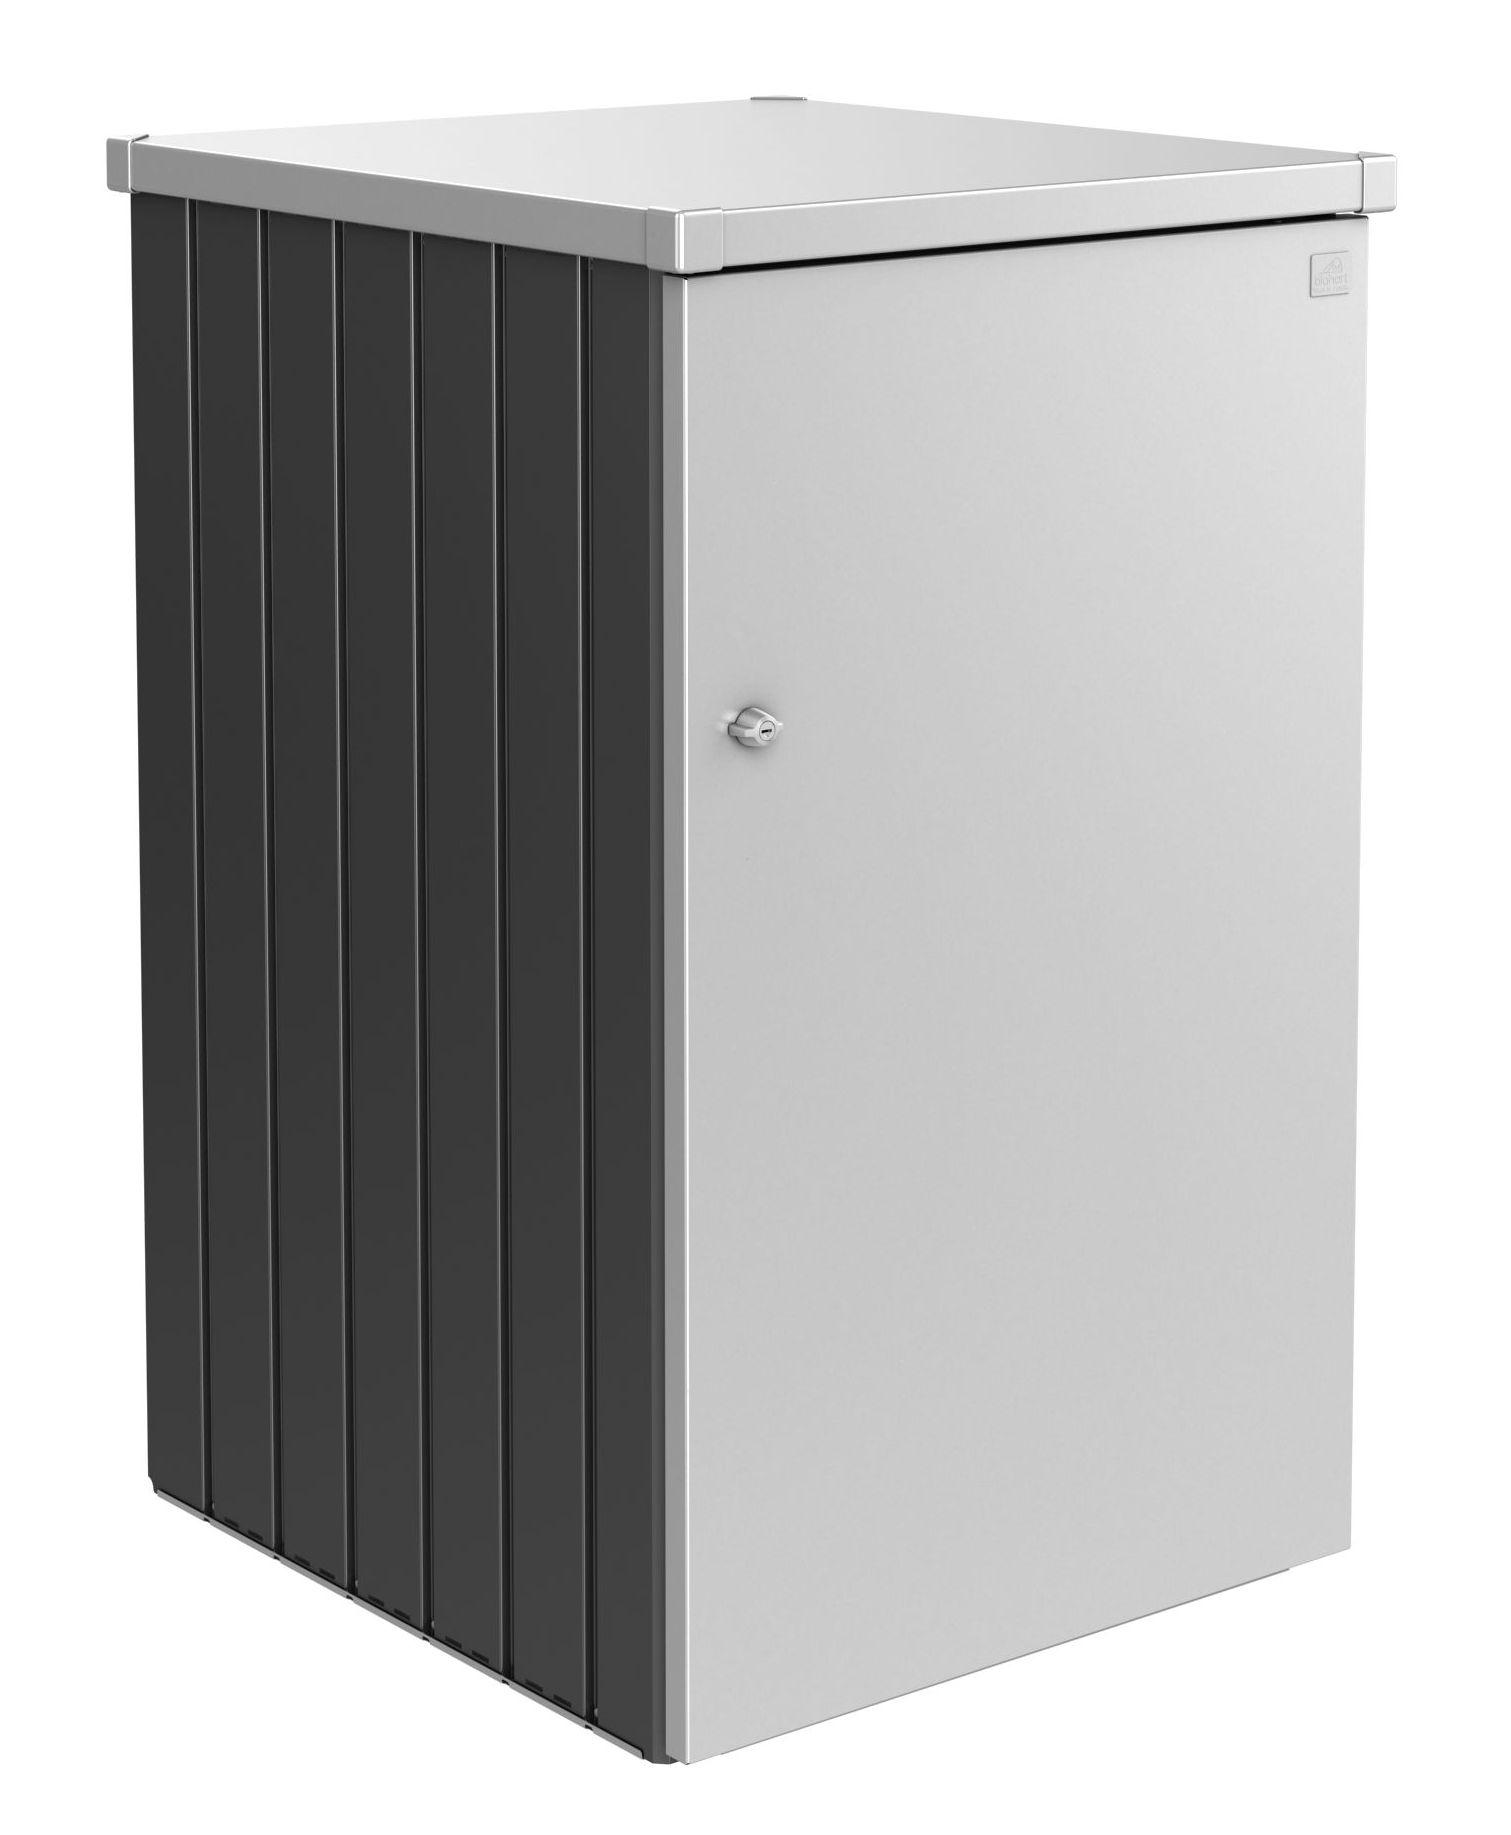 Biohort Box na popelnici Alex 3.1, tmavě šedá metalíza/stříbrná metalíza